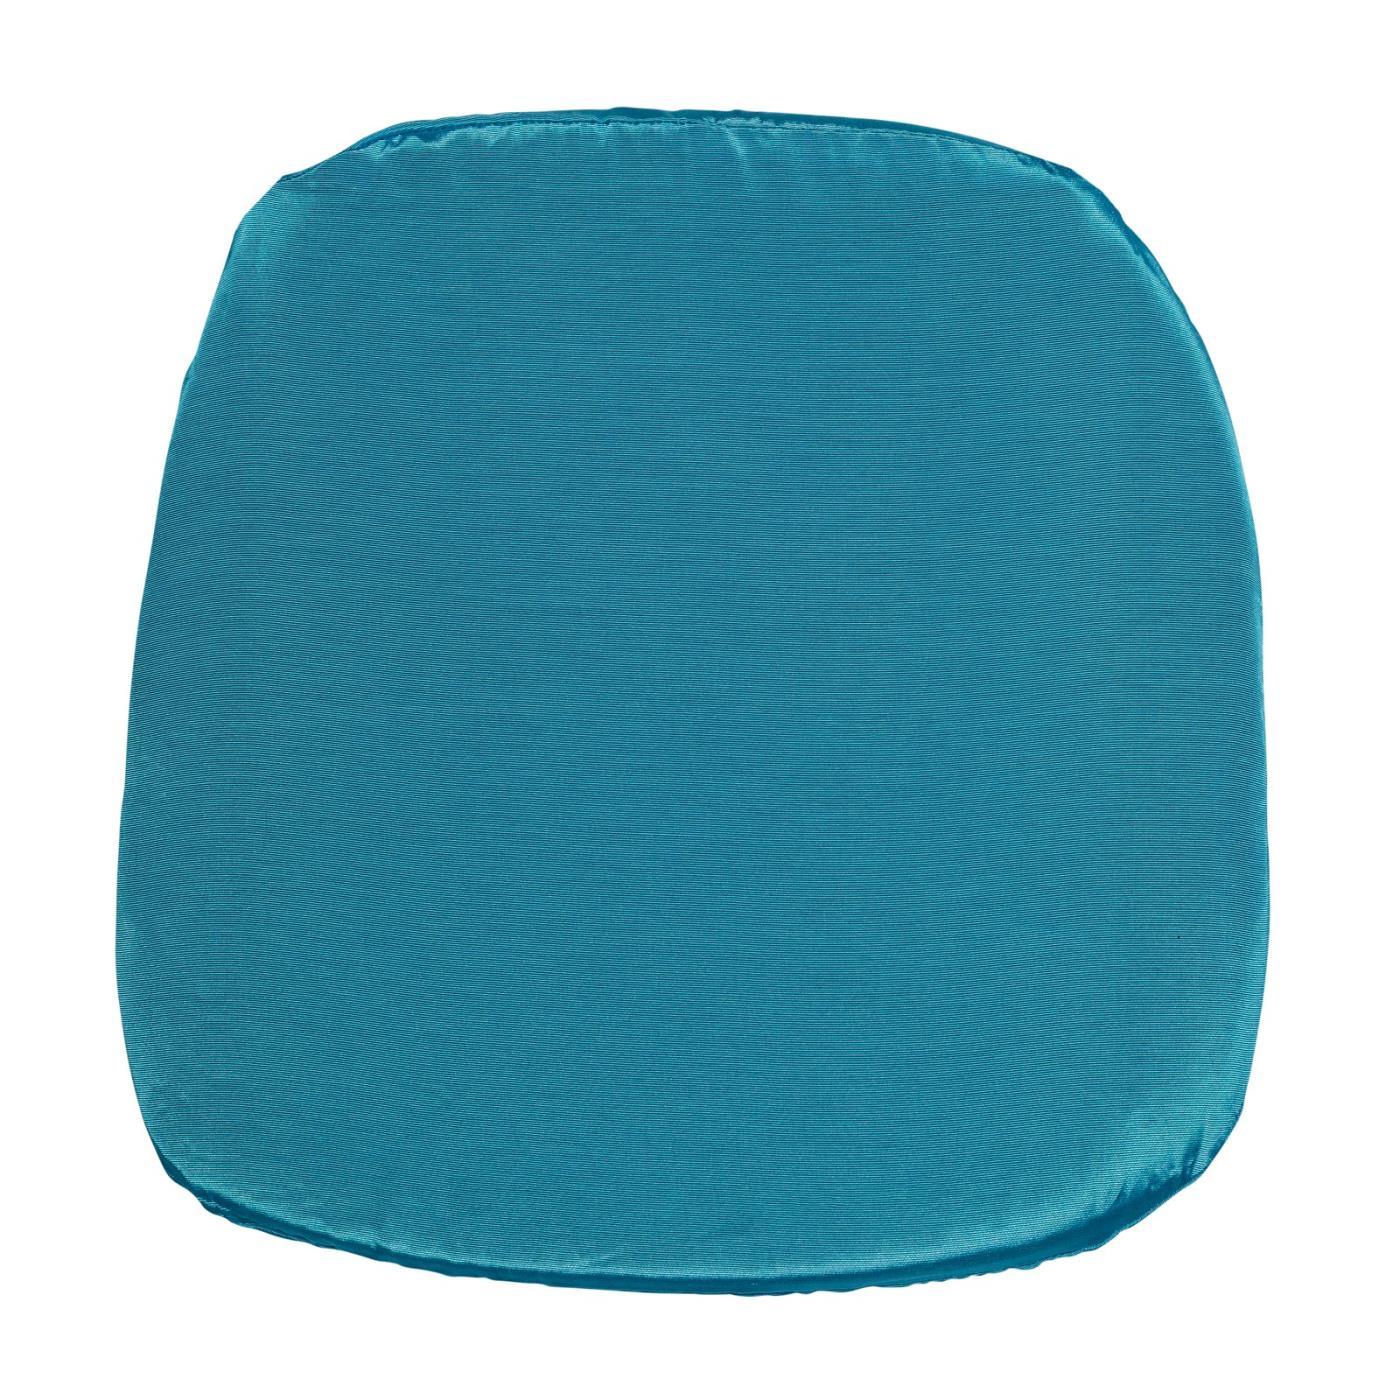 Bengaline Seat Cushion - Turquoise